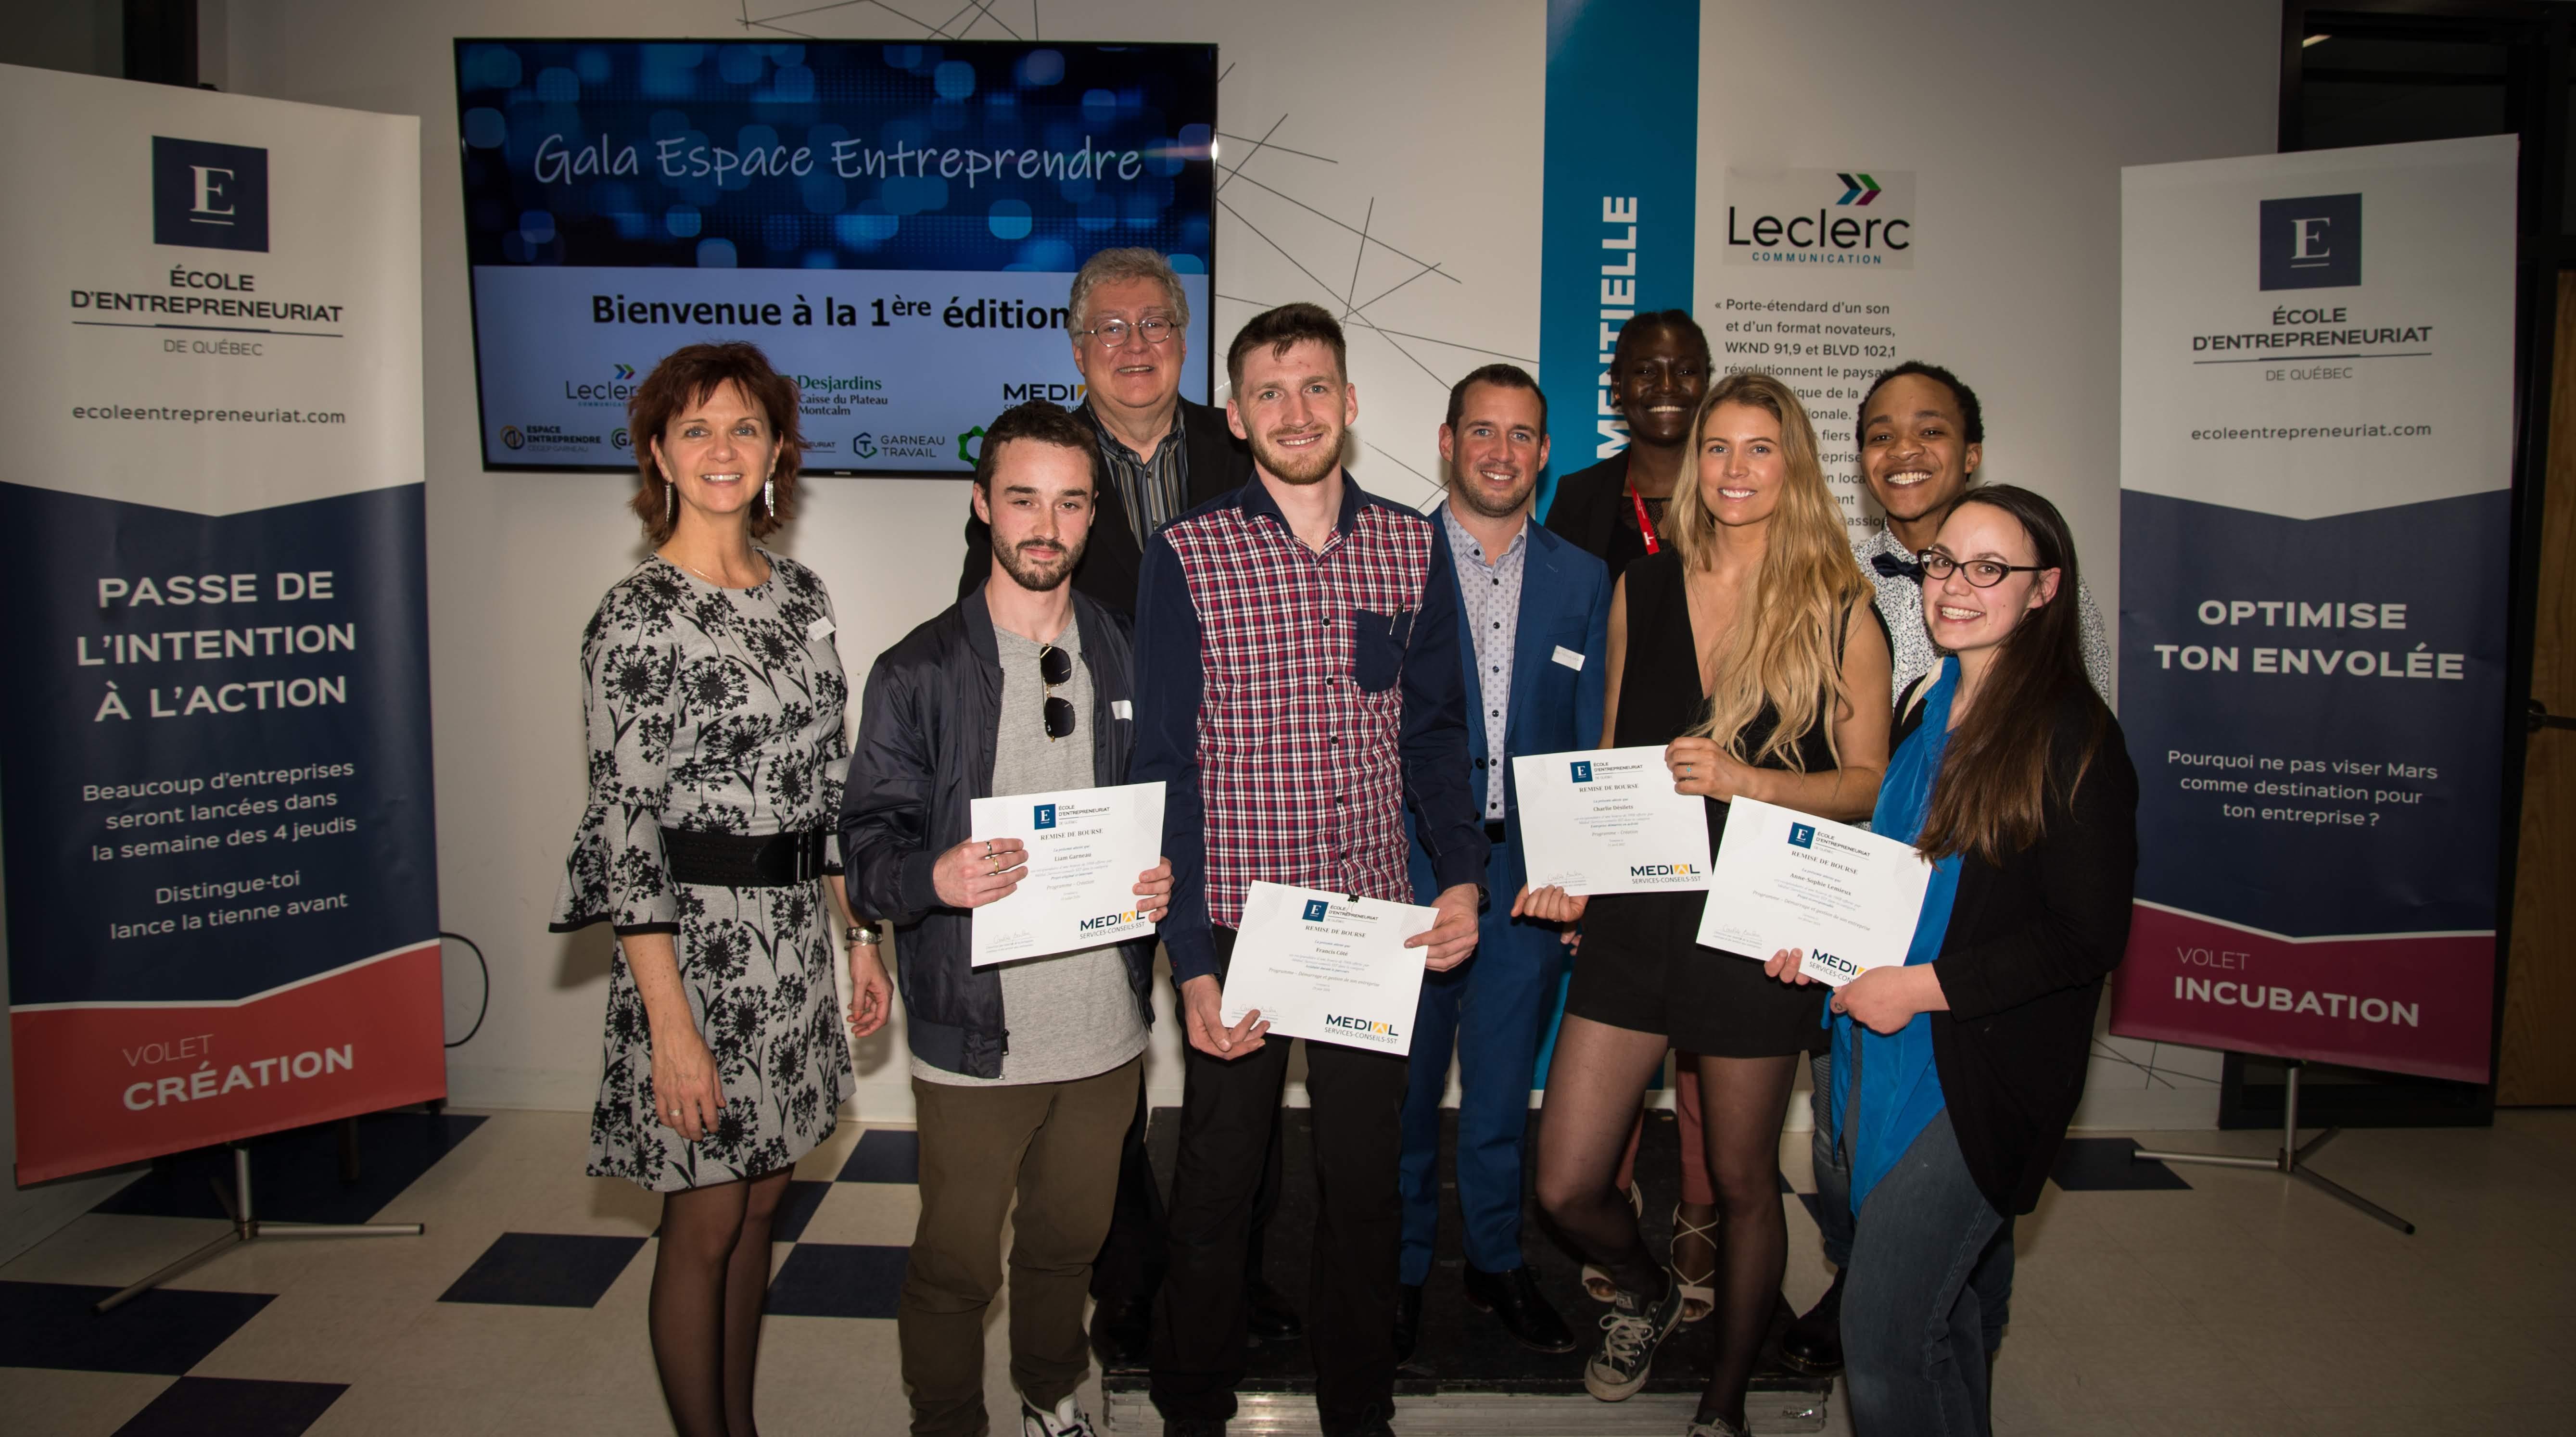 Groupe de lauréats avec M. Marcel Curodeau